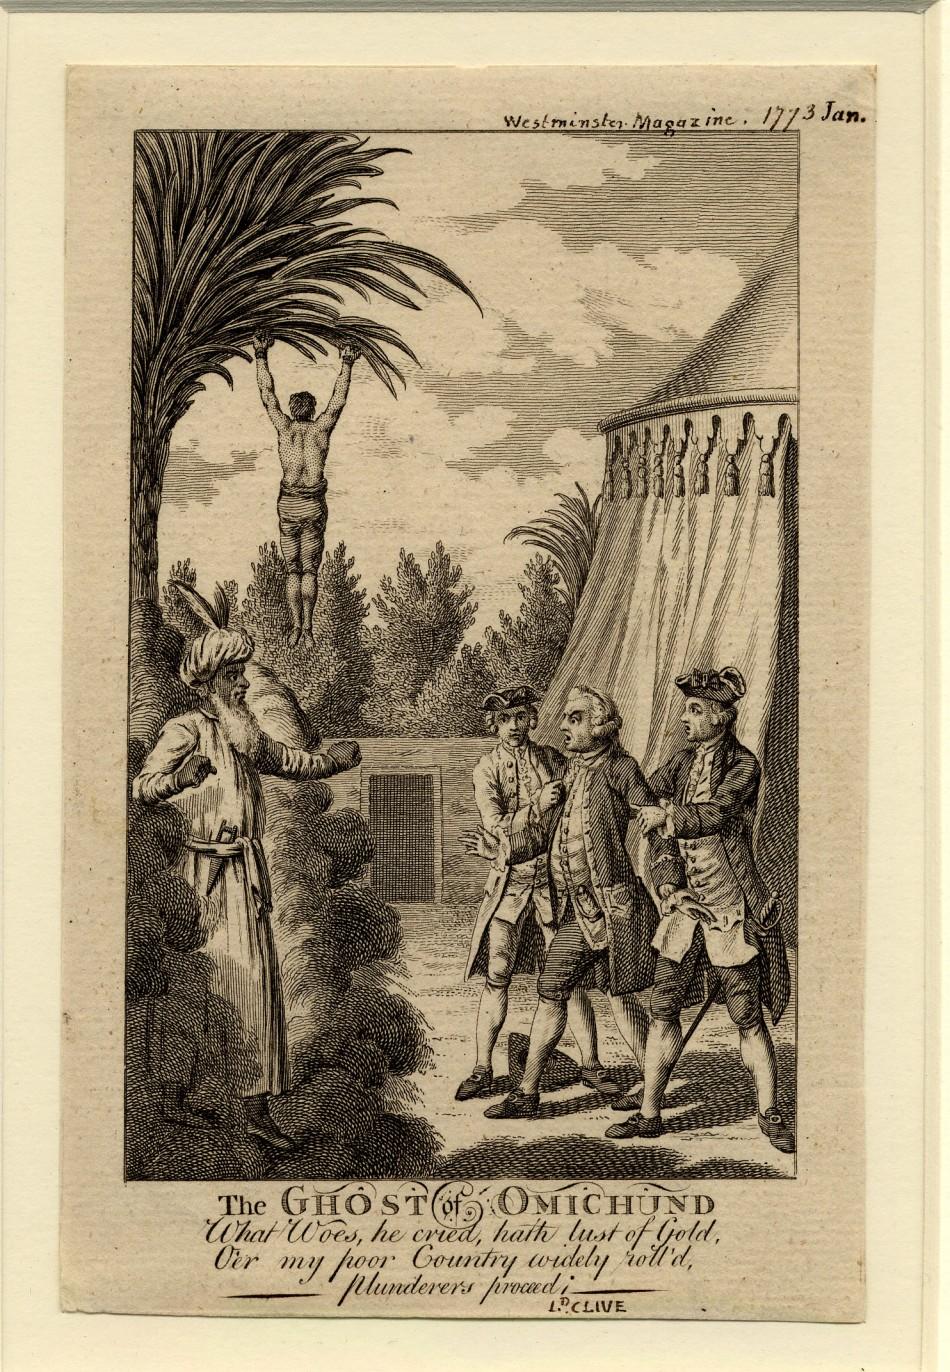 Image 3 (5)